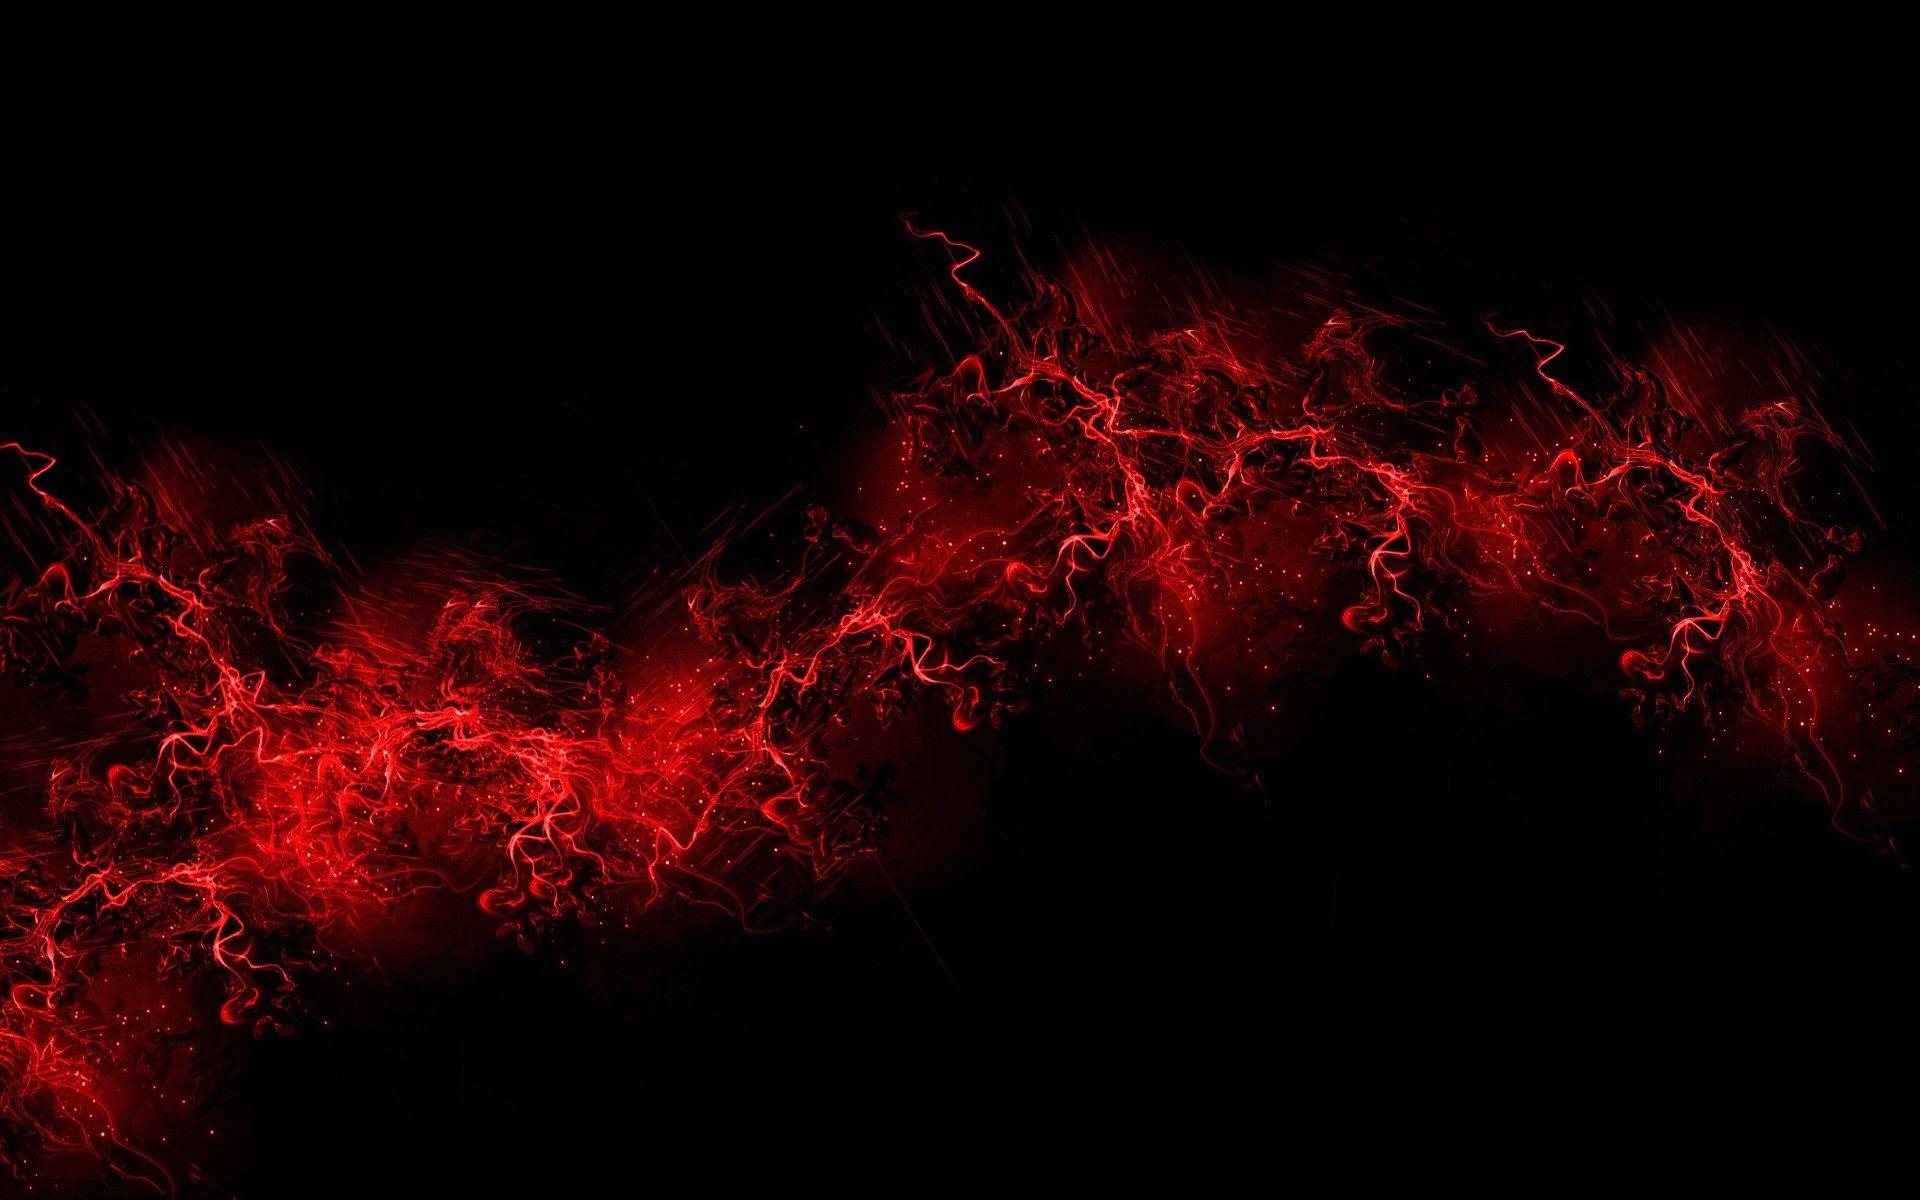 Sfondi pc rosso